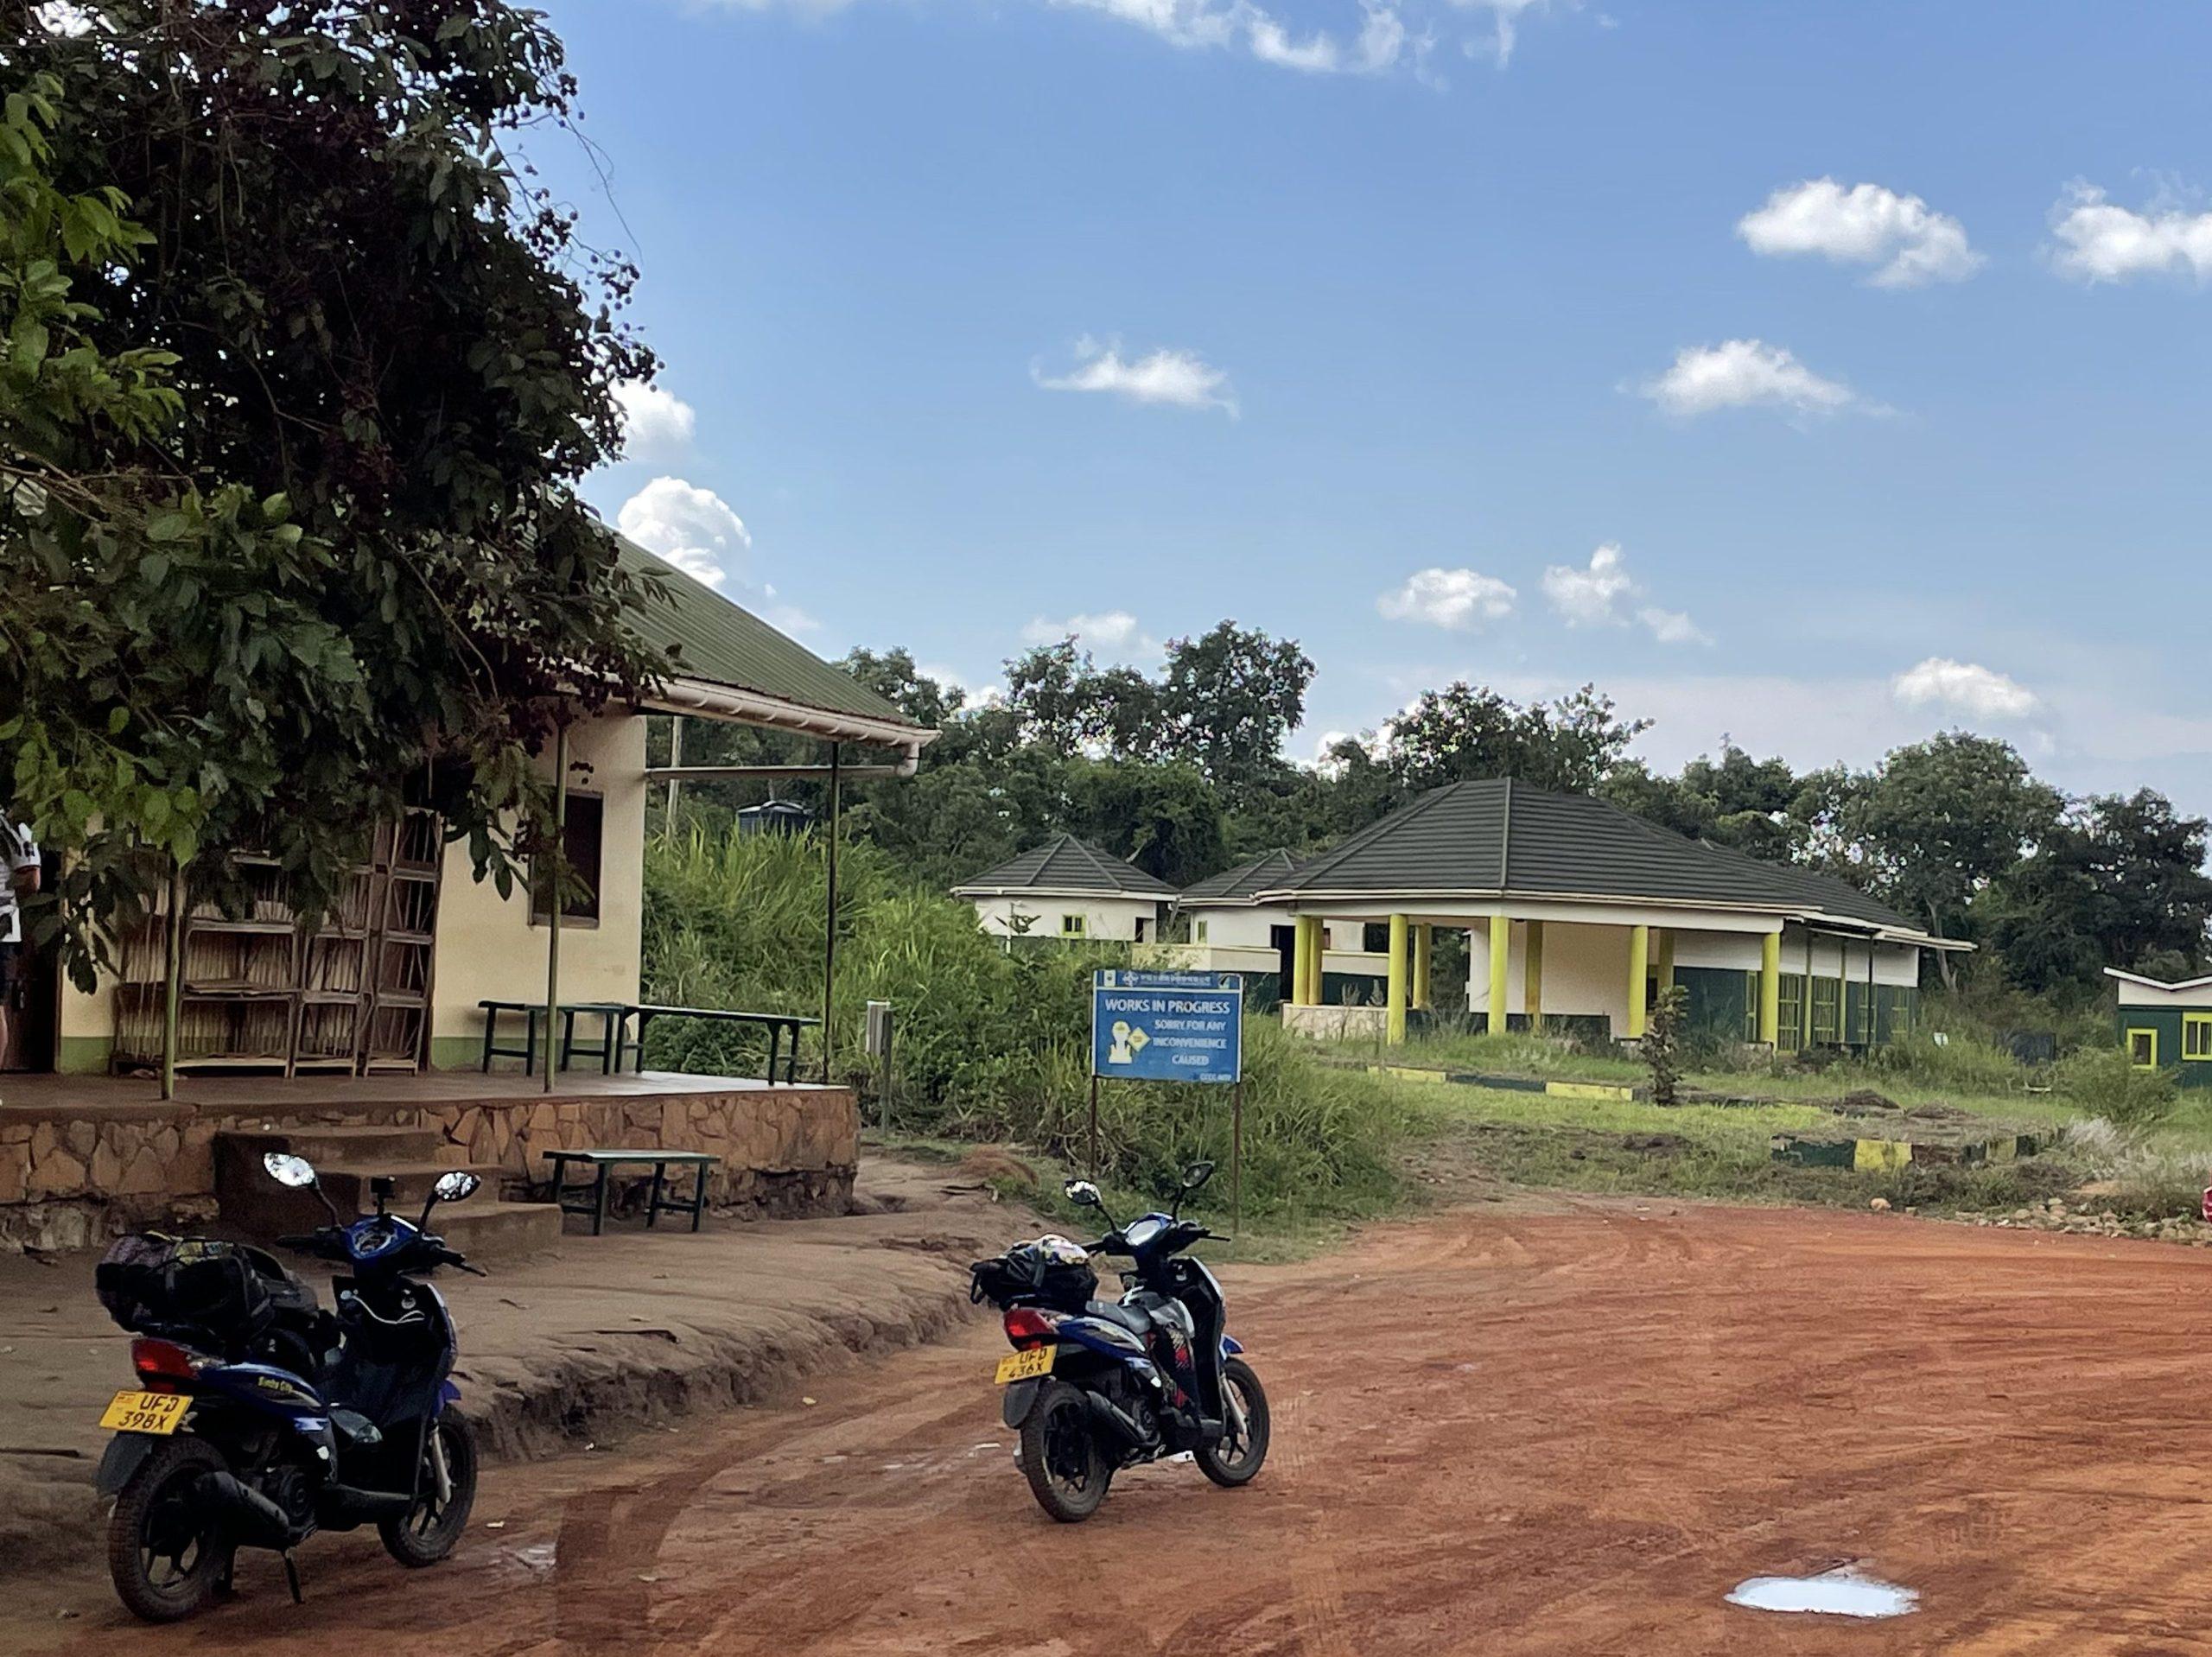 Onze scooters bij de entree van Murchison Falls NP